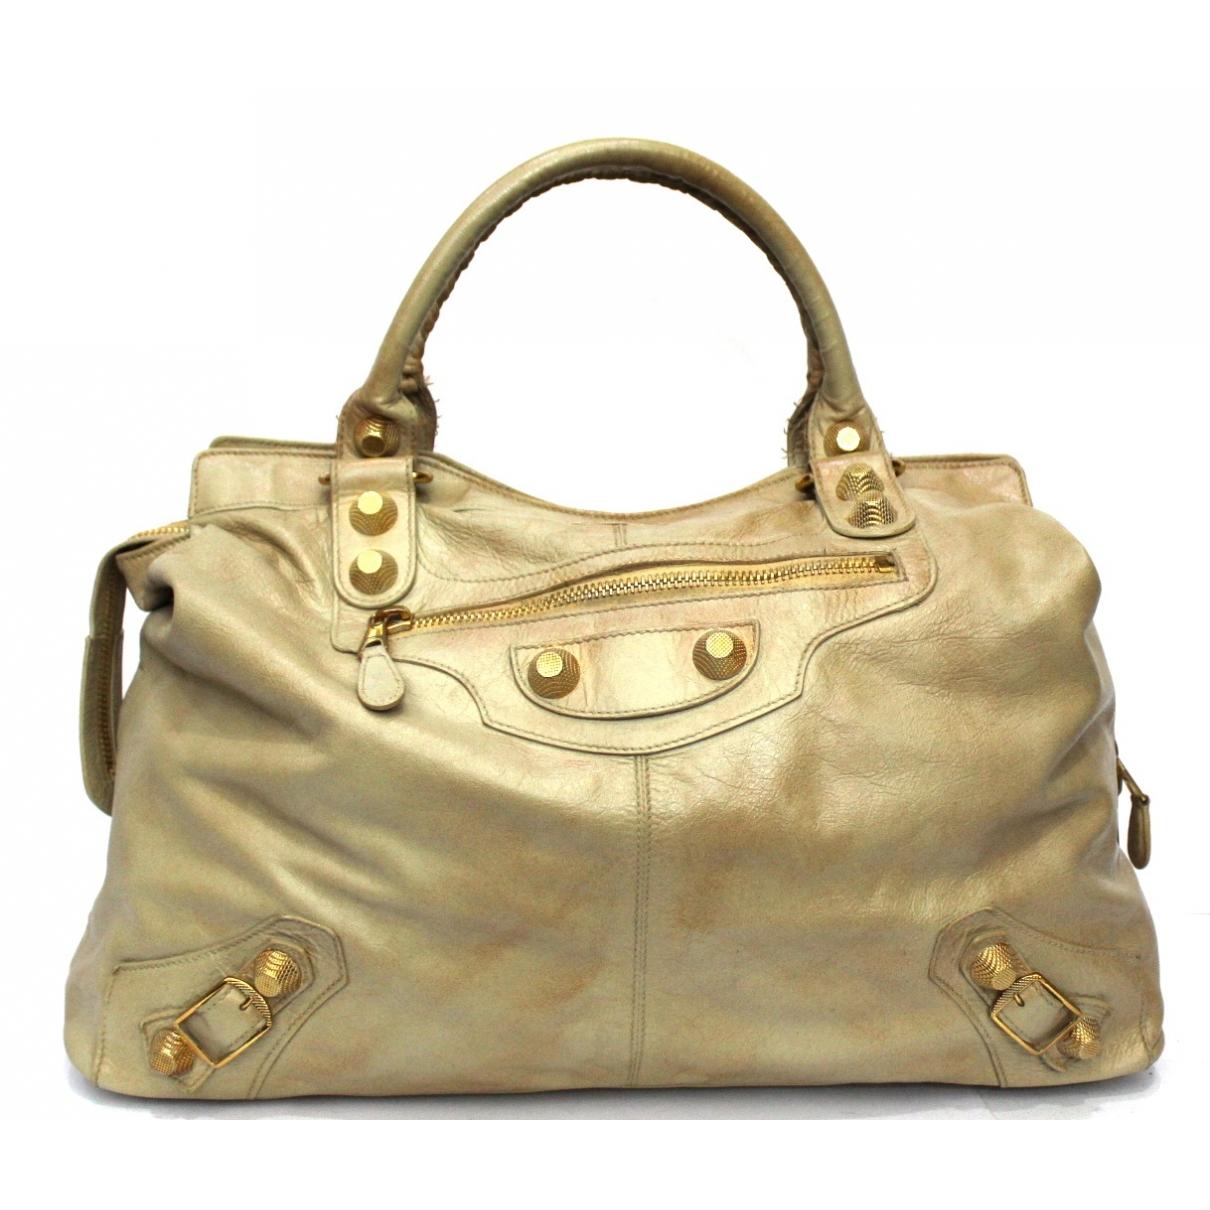 Balenciaga Work Handtasche in  Beige Leder